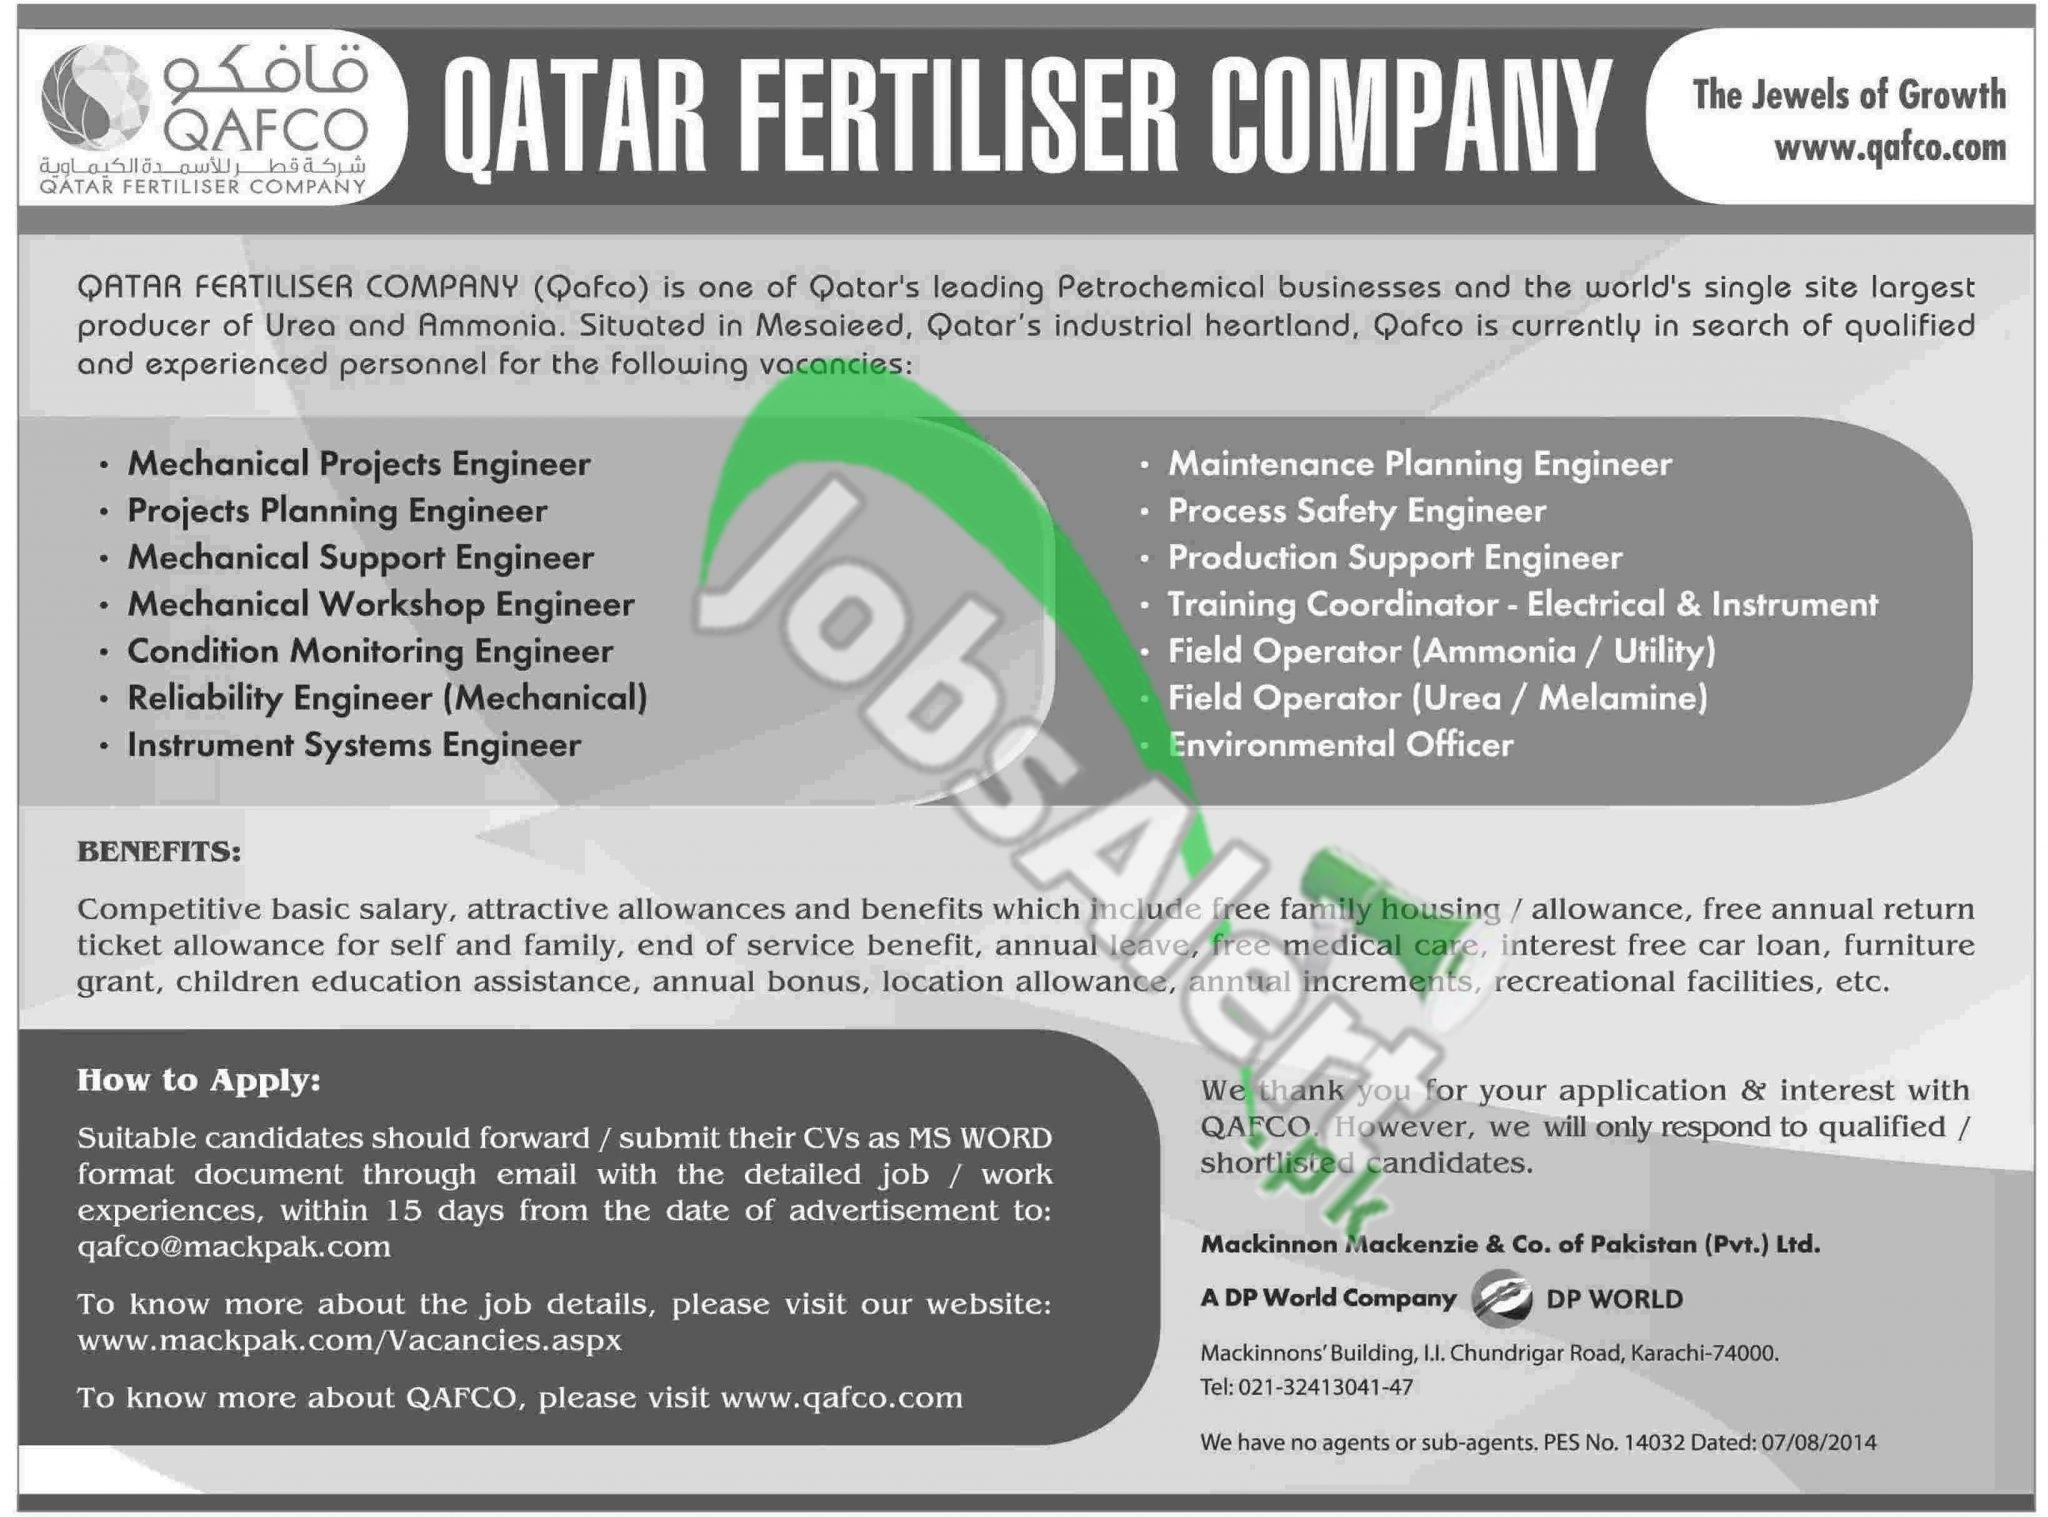 Qatar Fertiliser Company (Qafco) Qatar